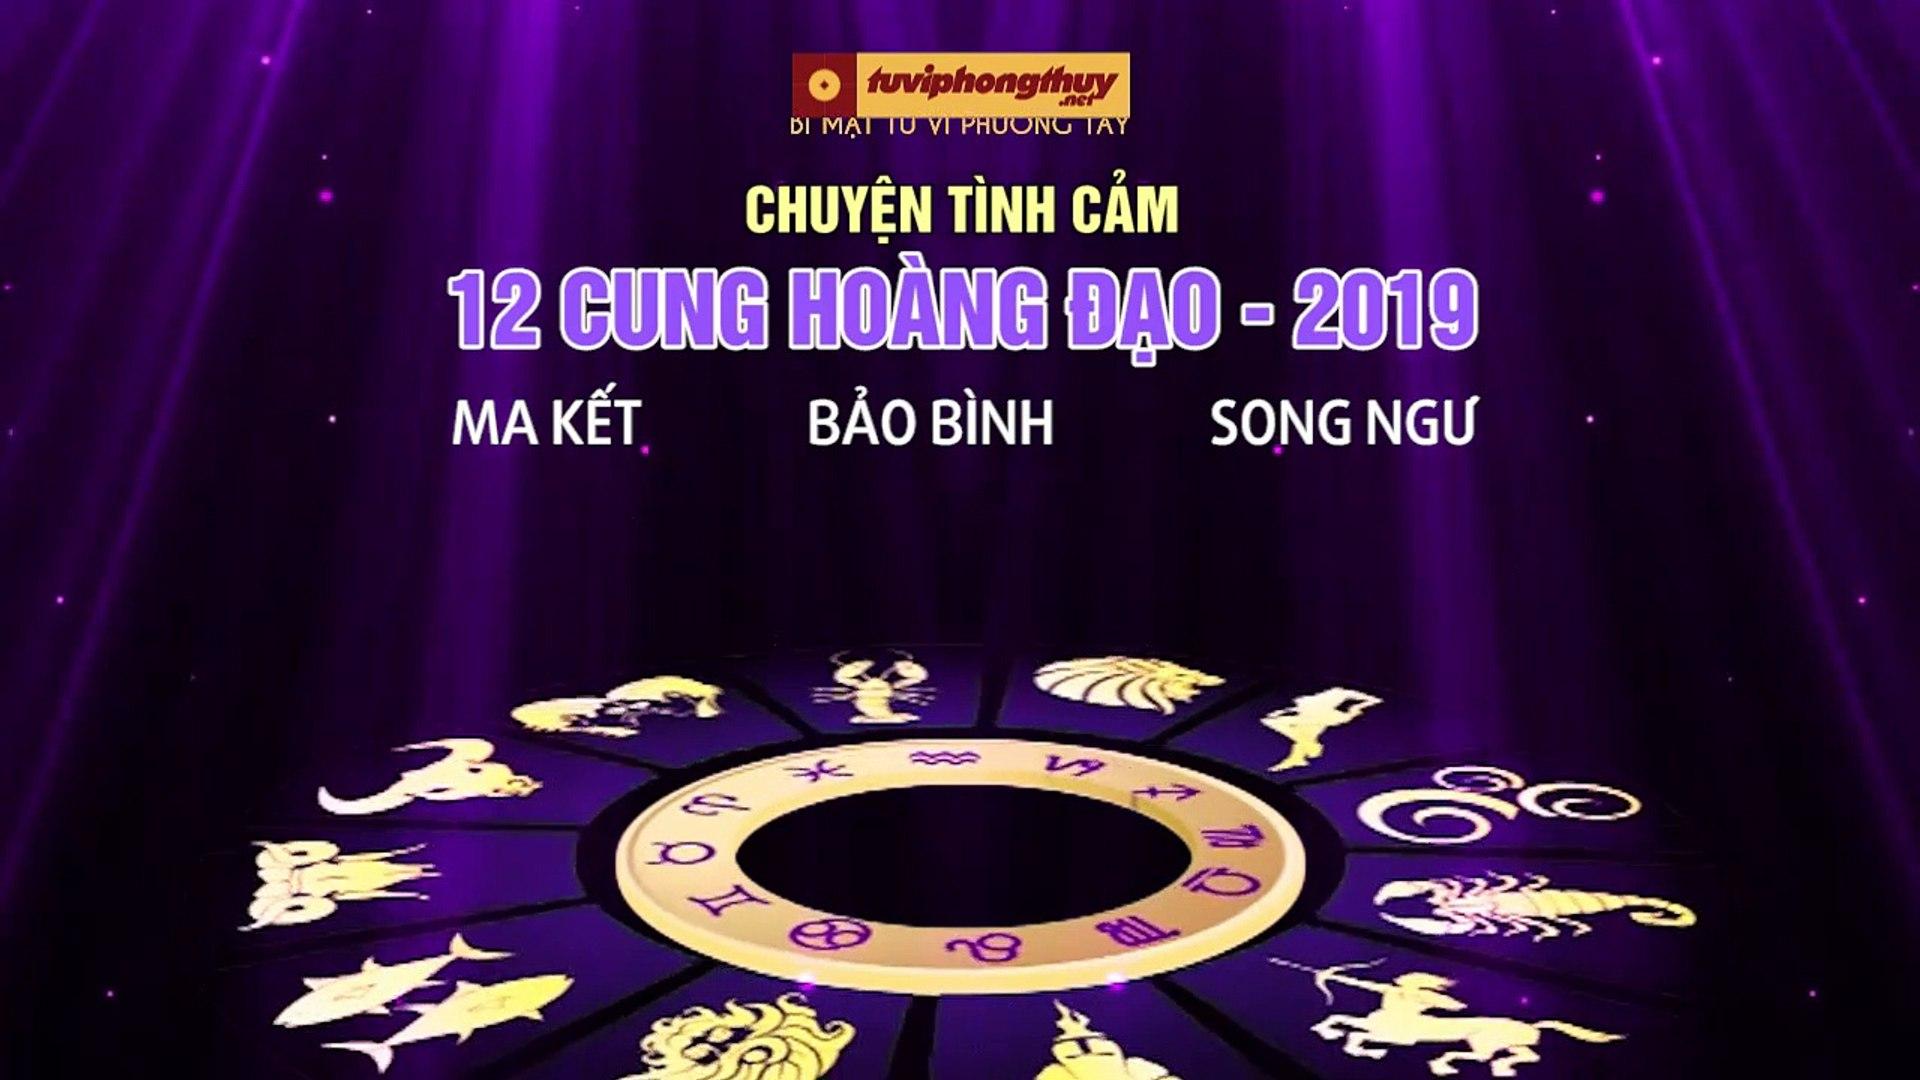 MS Chuyện tình cảm của 12 cung hoàng đạo trong năm 2019 - Ma Kết, Bảo Bình, Song Ngư